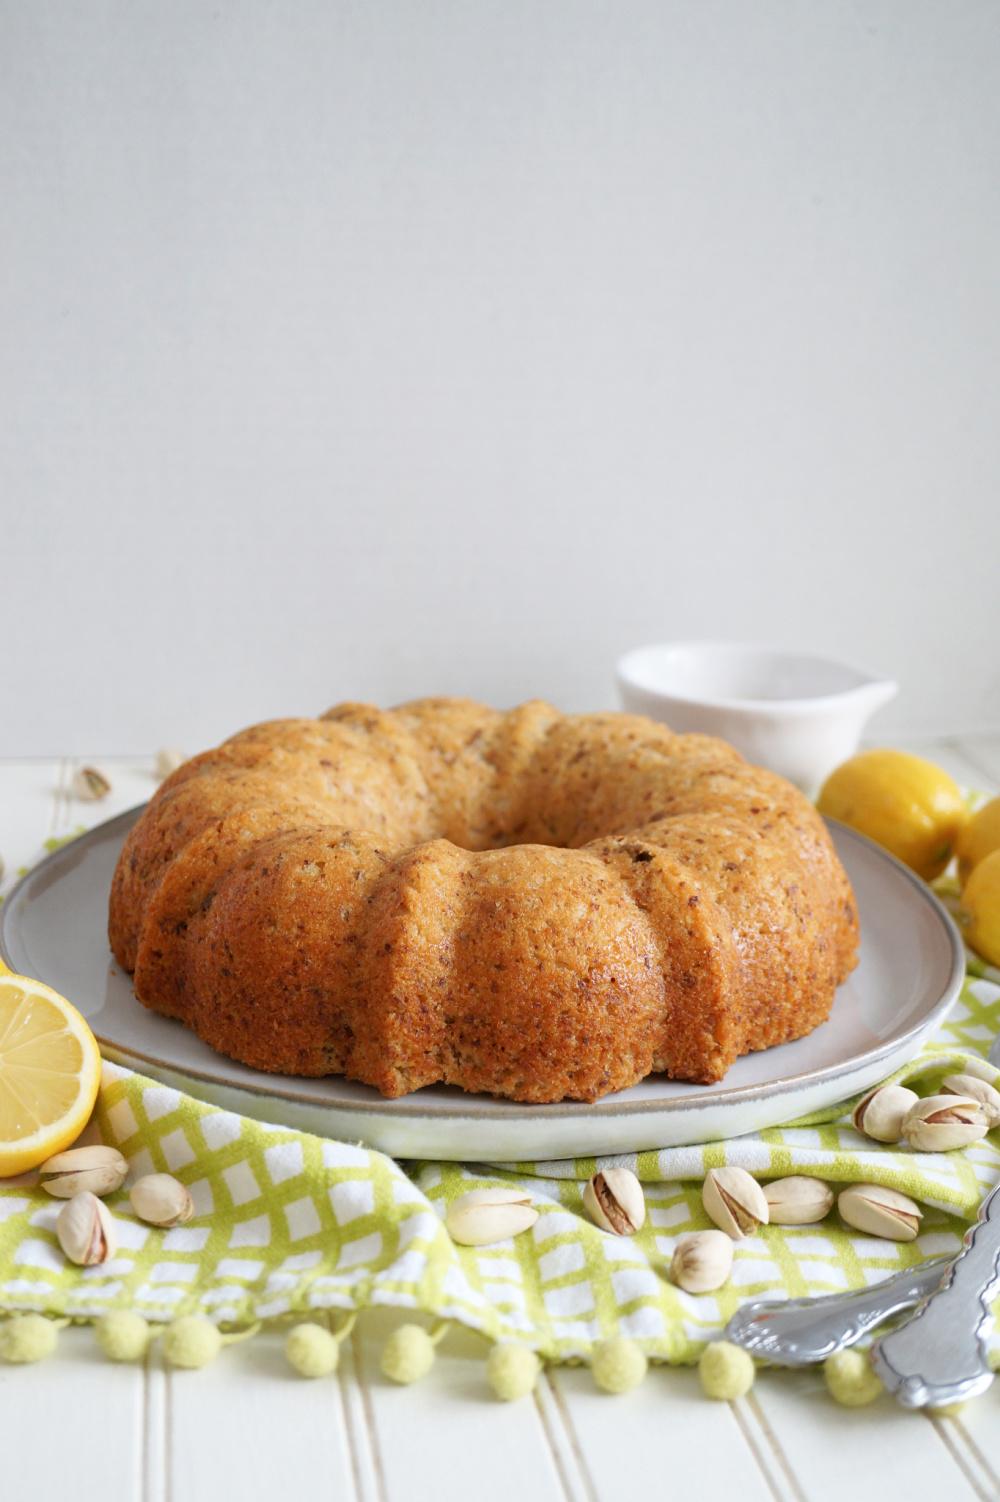 plain lemon pistachio bundt cake